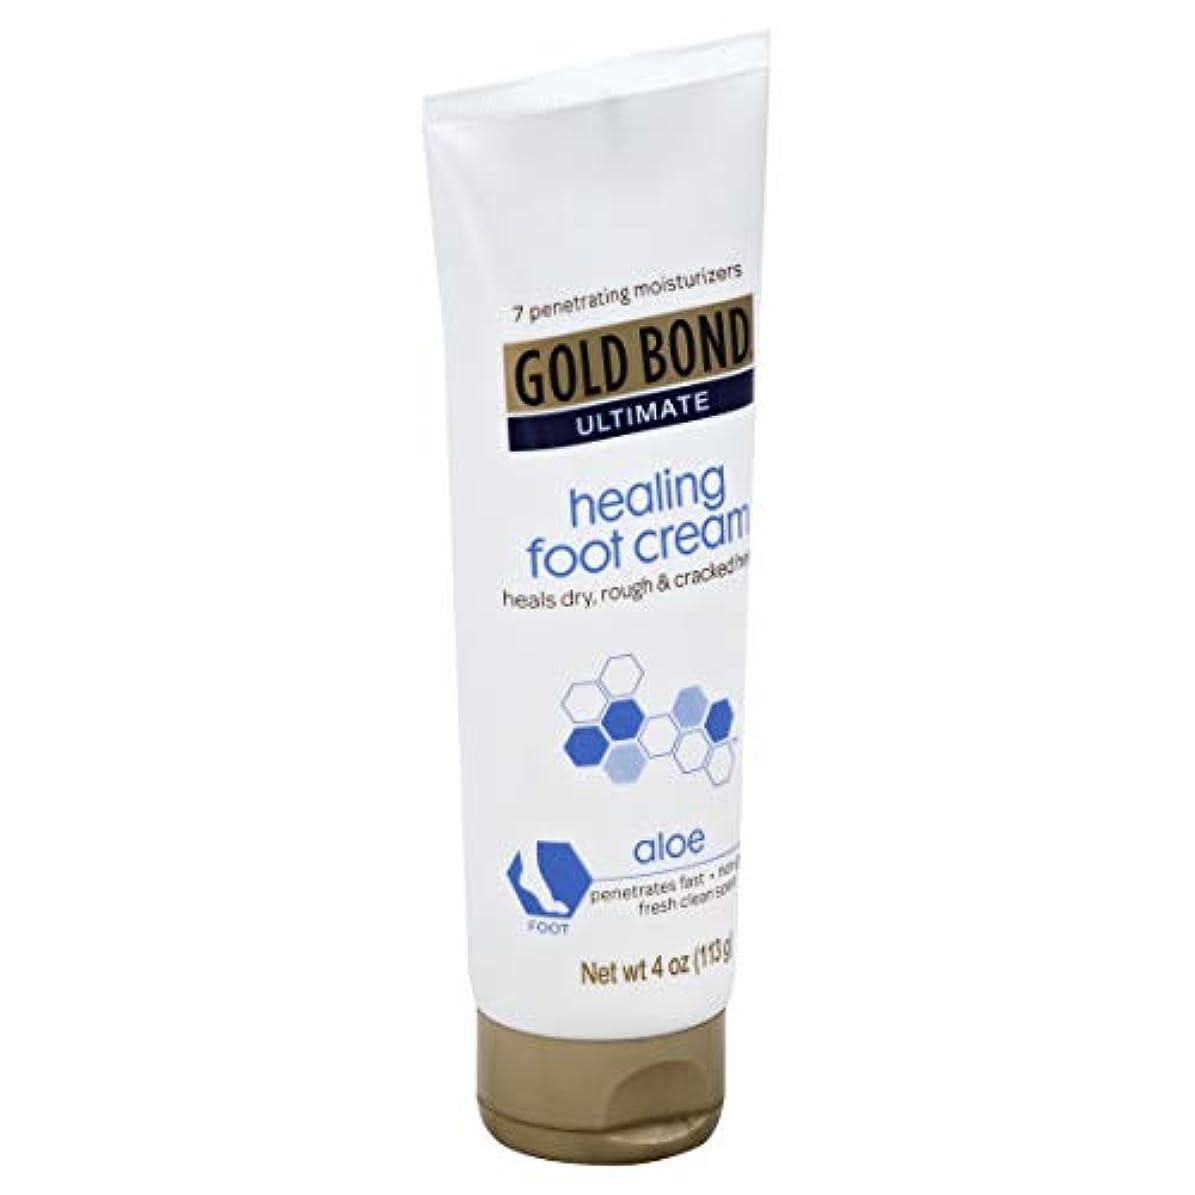 中販売員頼むGold Bond Healing Foot Therapy Cream 120 ml (並行輸入品)